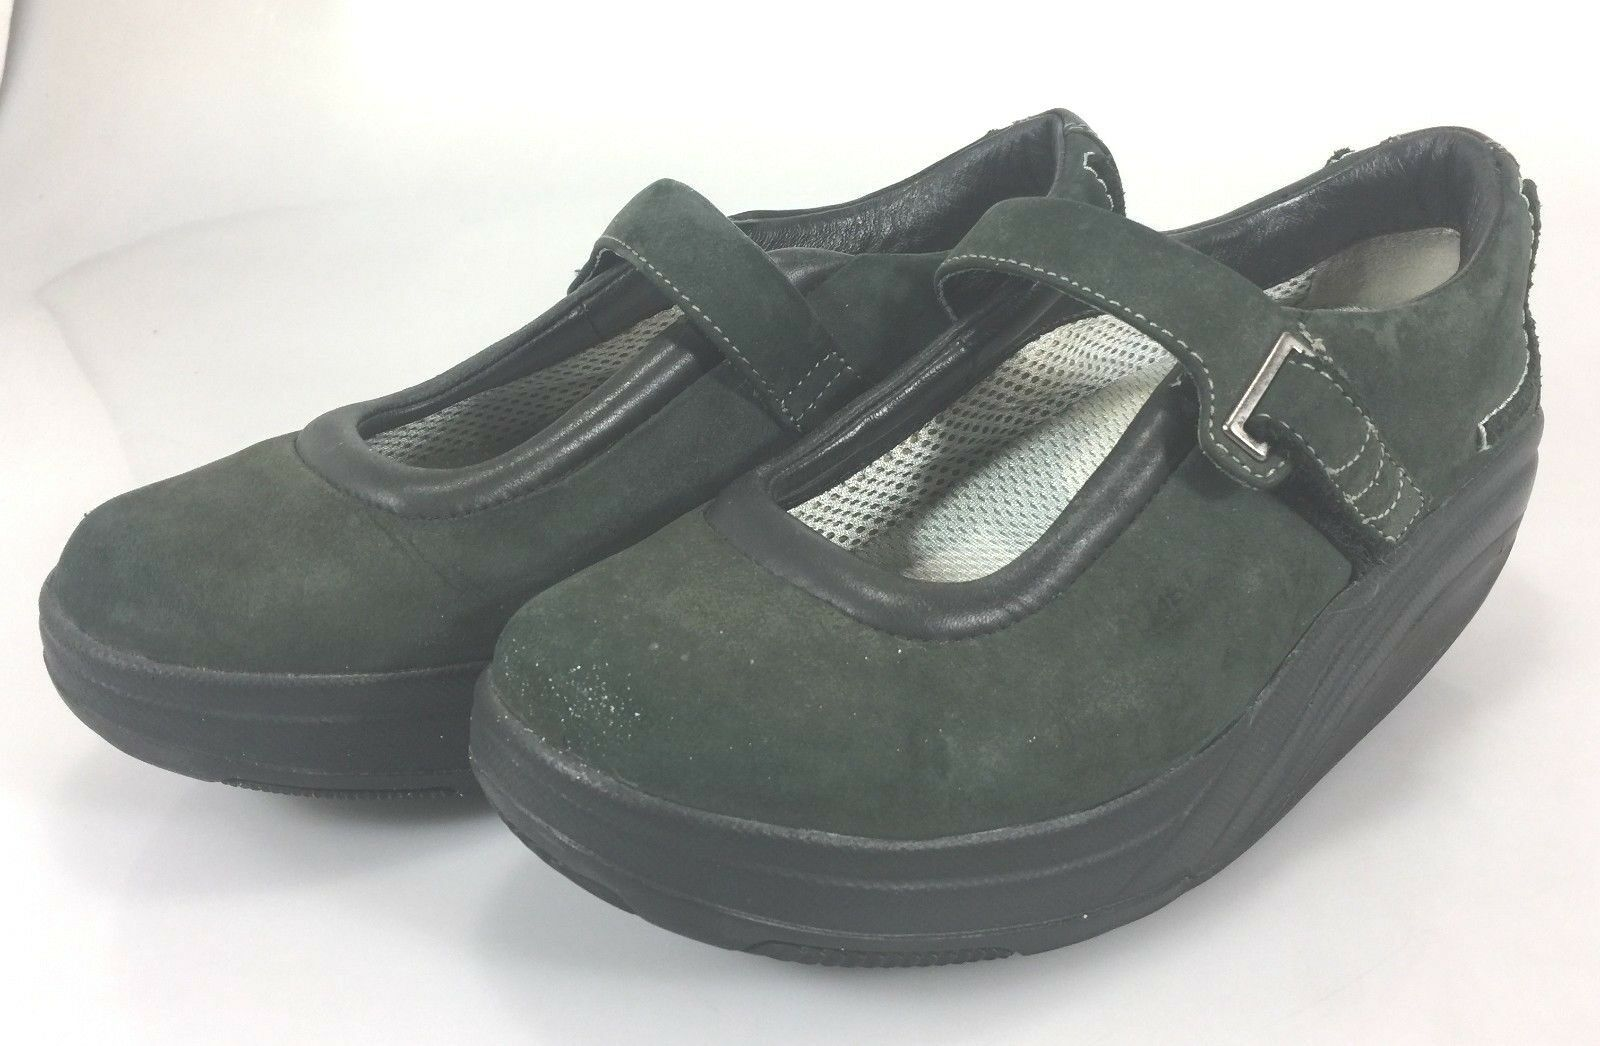 MBT mujer EE. UU. 7.5 Eje de Balancín Caminar Zapatos Zapatos Zapatos Mary Janes EU 37.67 De Cuero verde Oscuro  sorteos de estadio